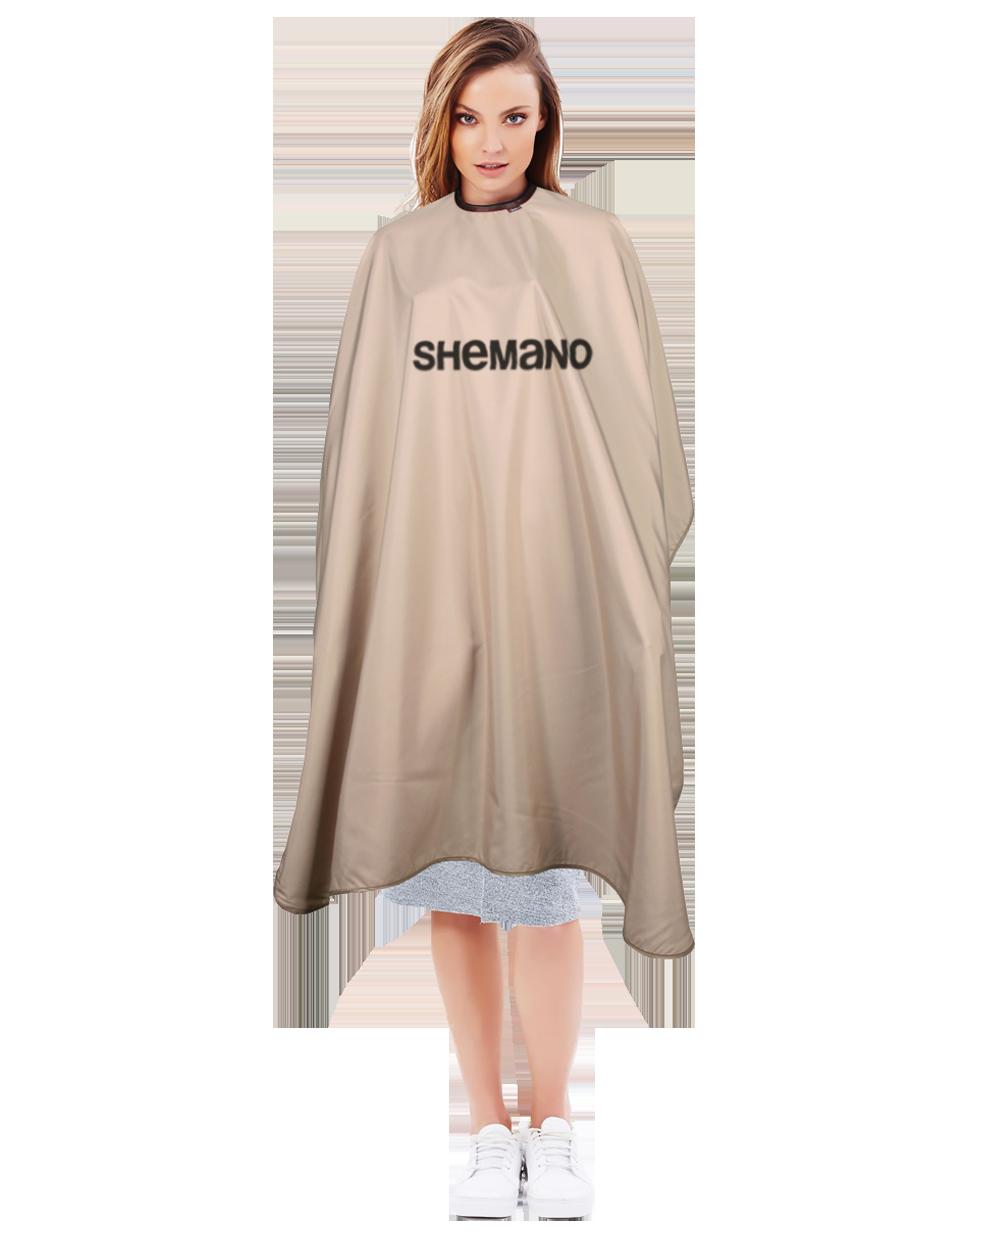 shemano-kesim-penuarı